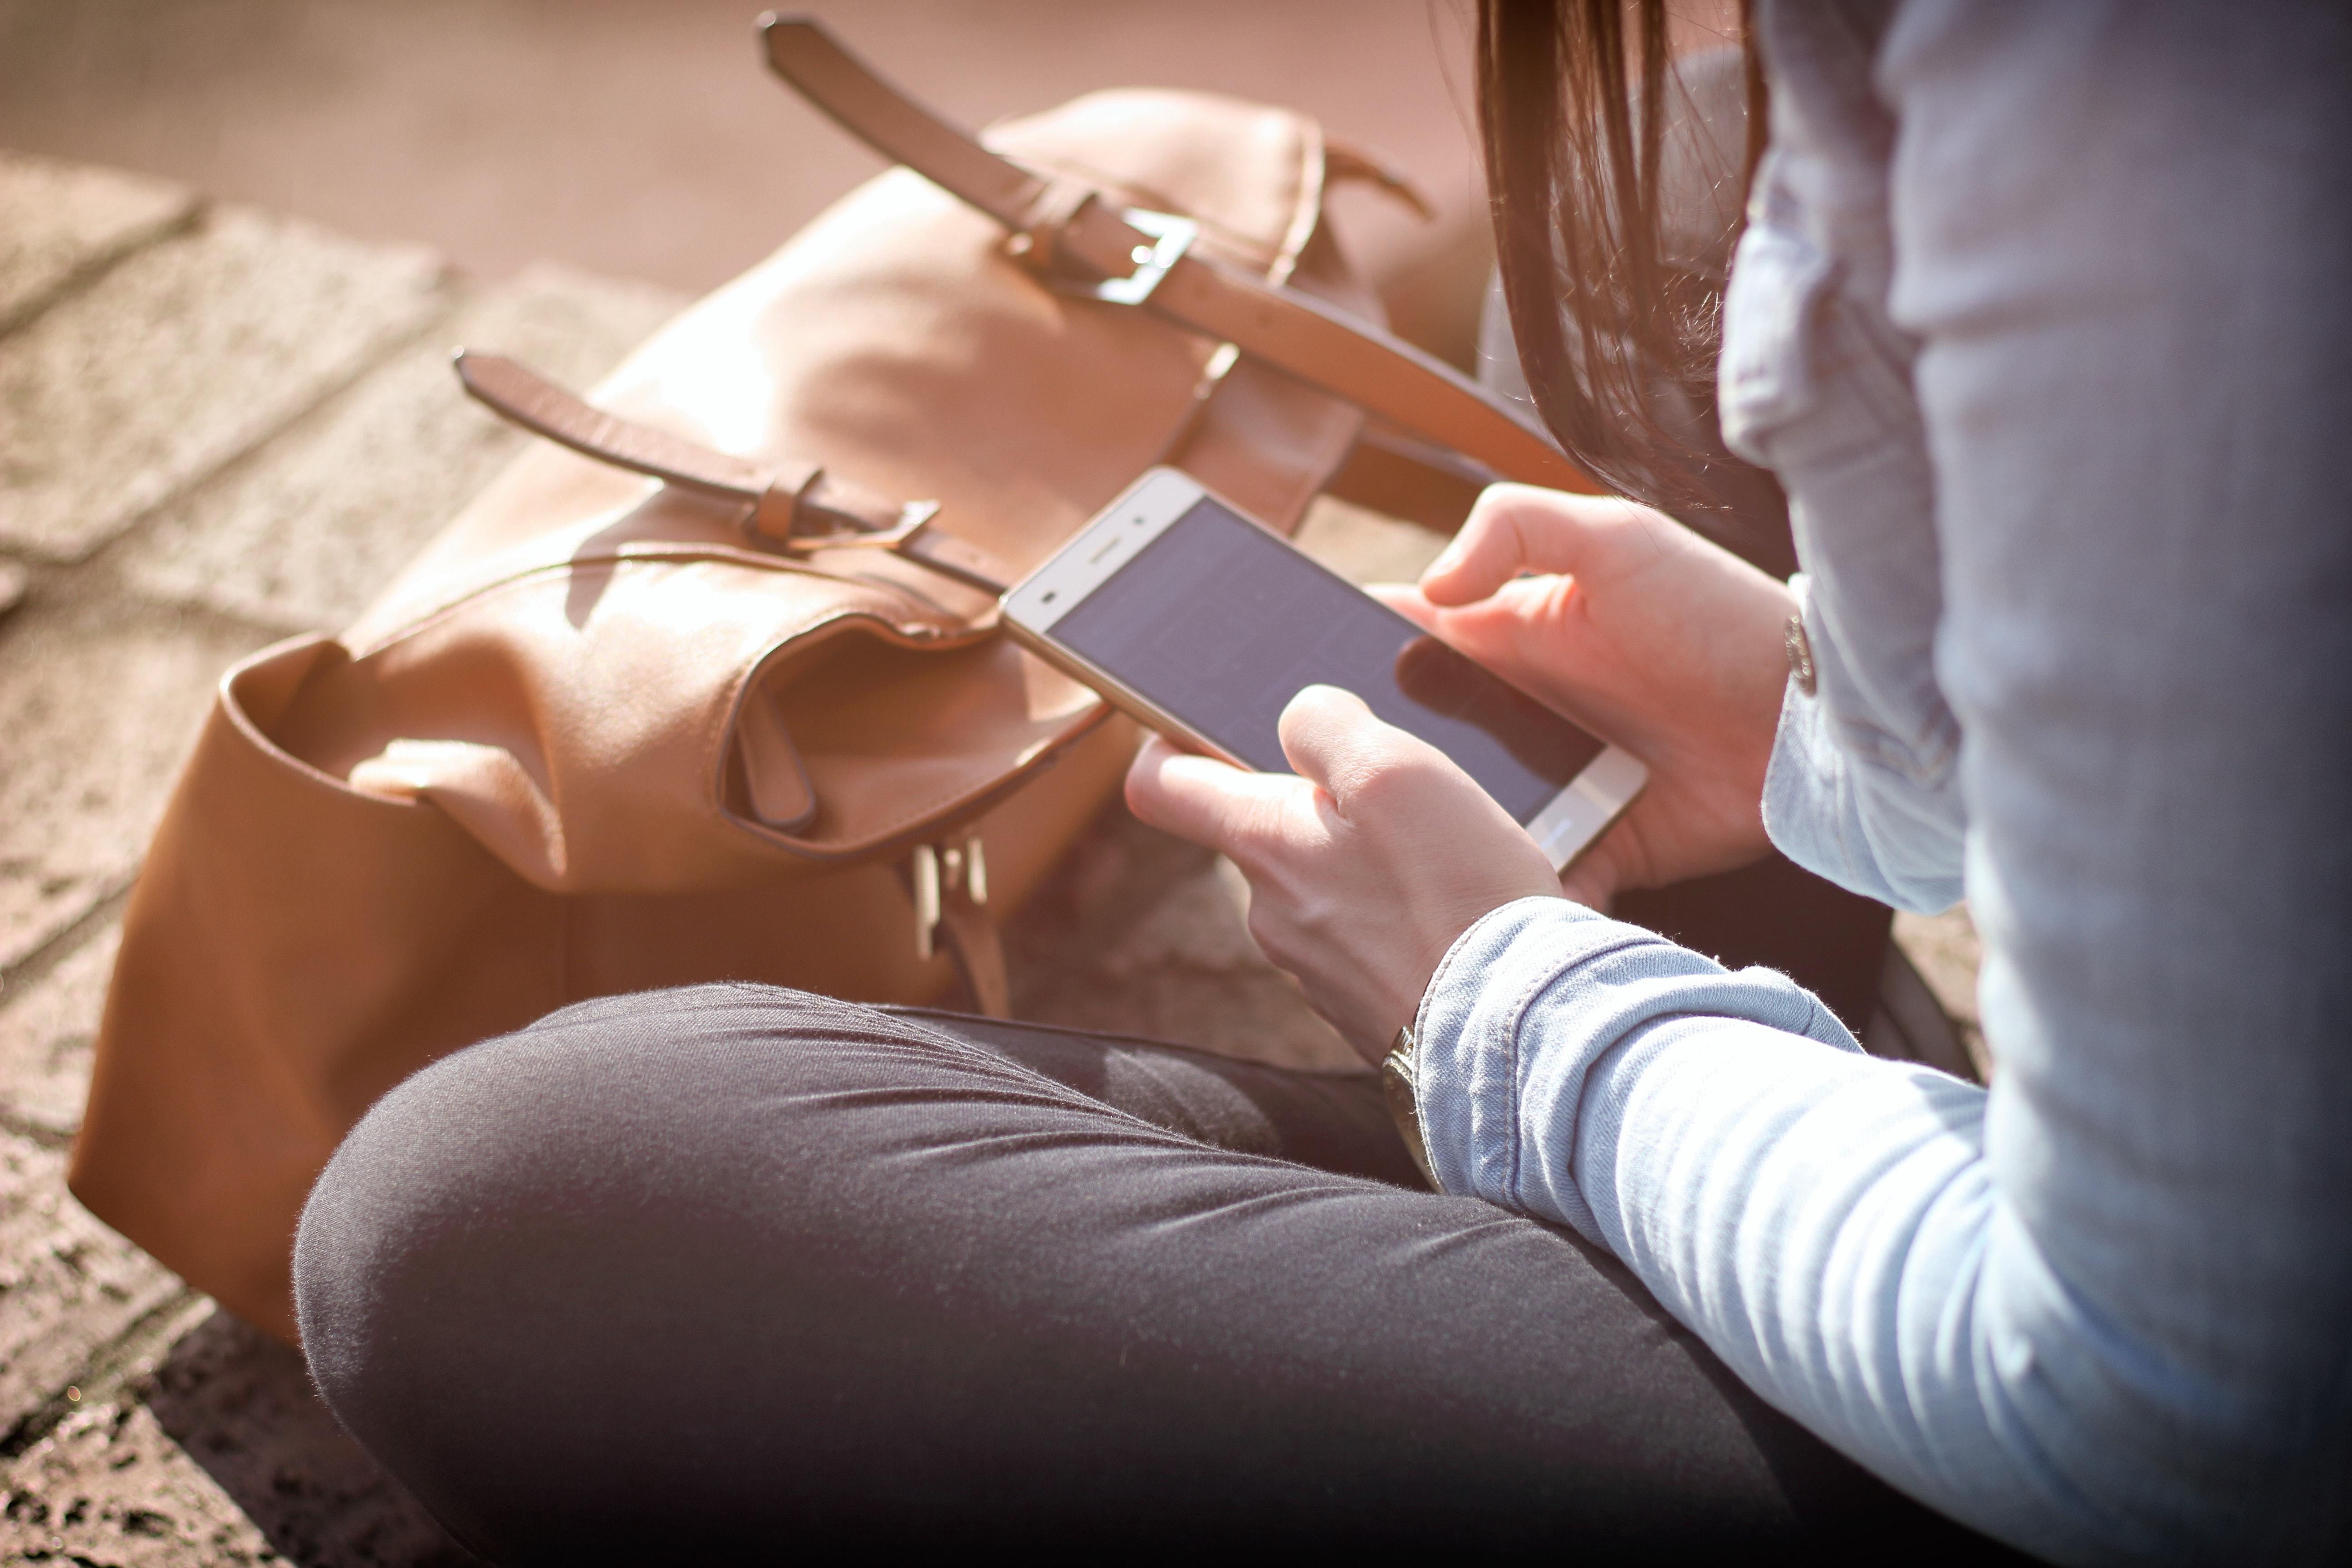 electronics-girl-hands-359757